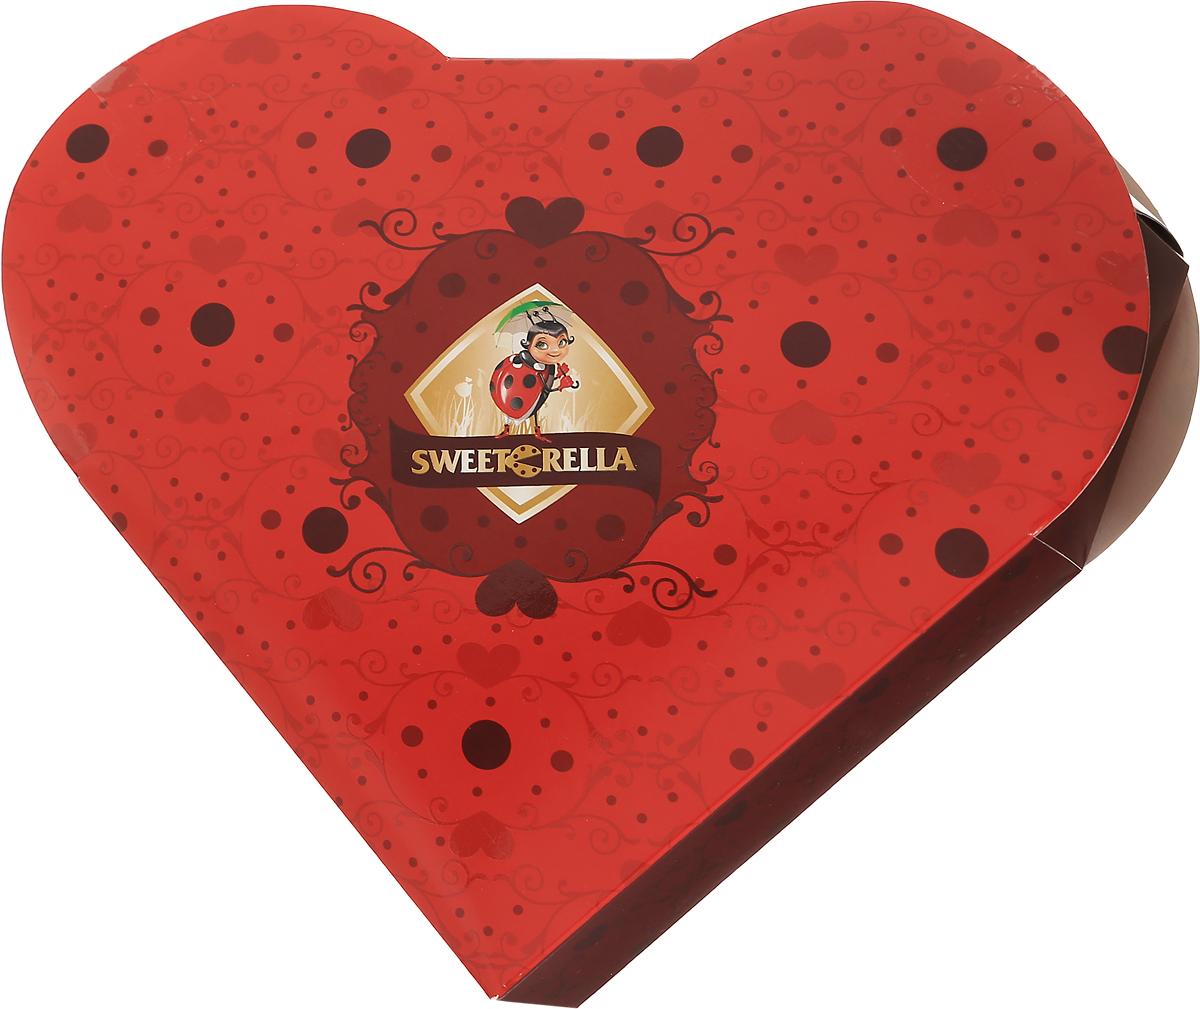 Sweeterella набор шоколадных конфет пламенное сердце, 170 г0120710Пламенно-красное сердце в стилистике Sweeterella подойдет как в качестве подарка к 14 февраля, так и для любимой к 8 марта - подарков никогда не бывает много!Набор шоколадных конфет в форме сердца: - шоколадные конфеты из молочного шоколада с начинкой Клубника со сливками; - шоколадные конфеты из темного шоколада с начинкой Цитрусовый микс.Уважаемые клиенты! Обращаем ваше внимание, что полный перечень состава продукта представлен на дополнительном изображении.